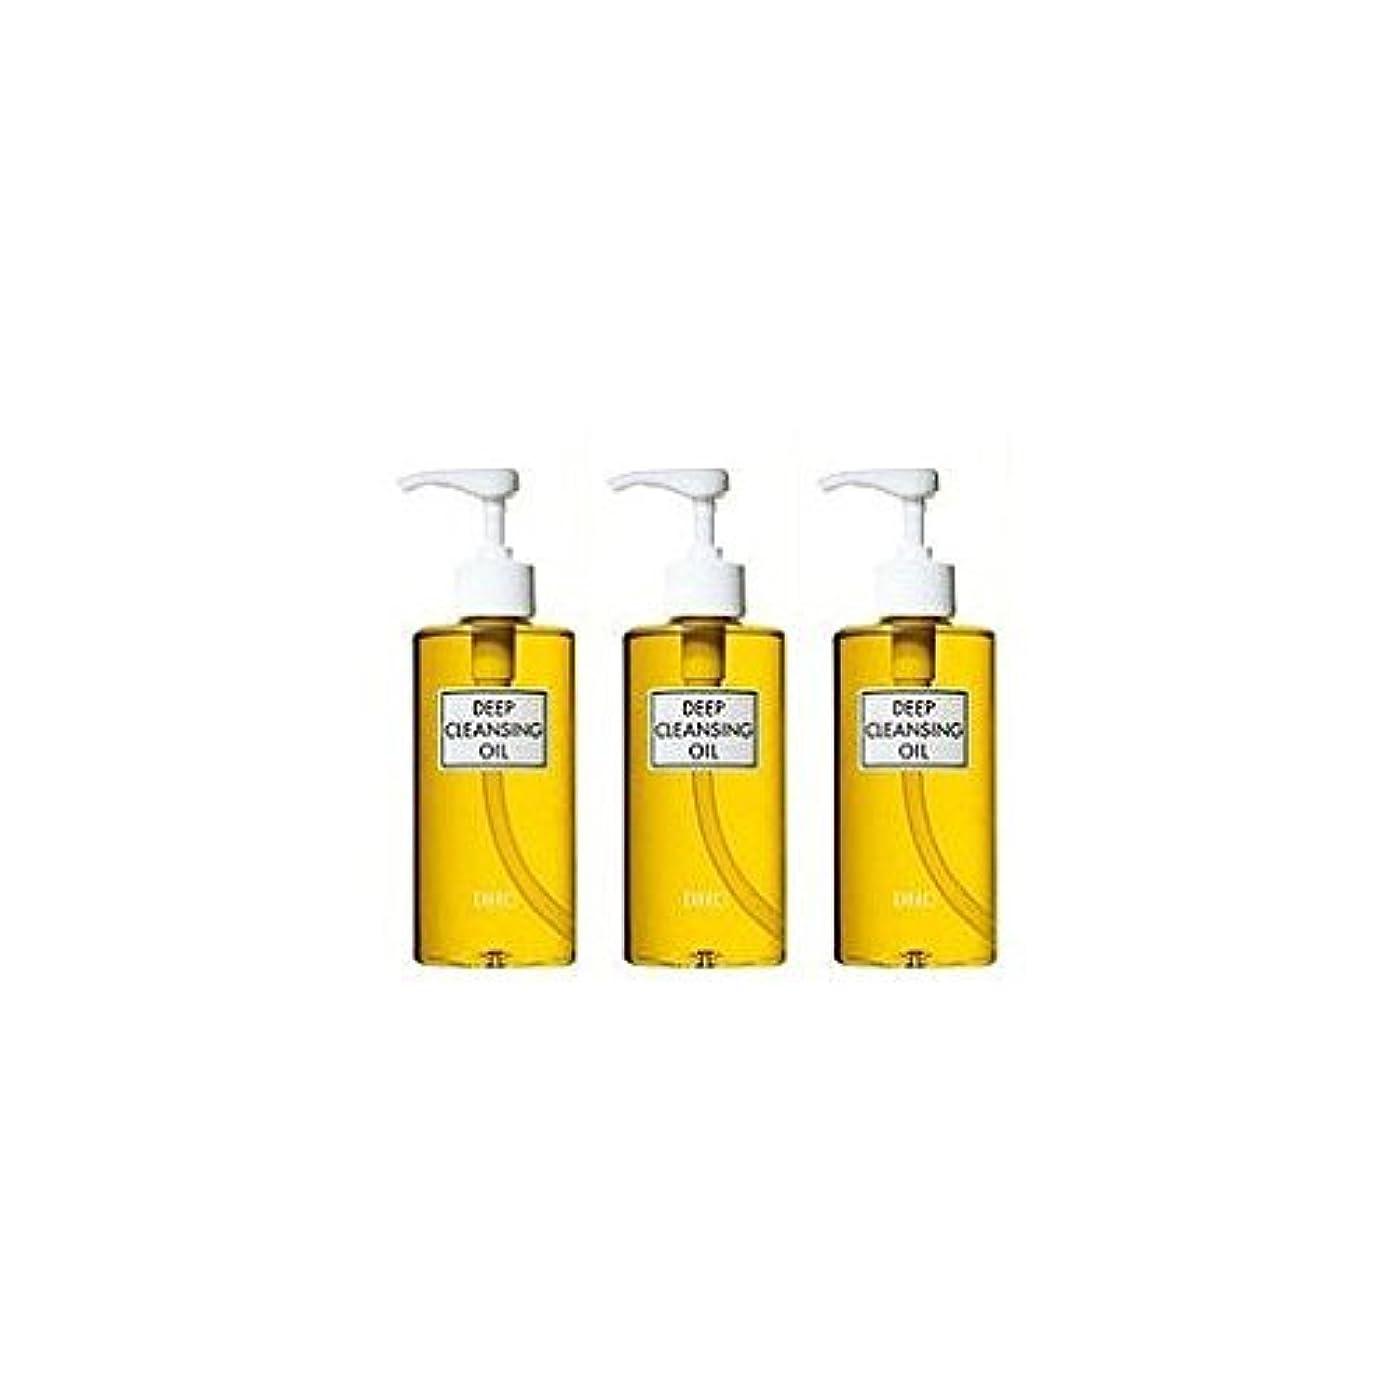 人物スーパー買い物に行くDHC薬用ディープクレンジングオイル(L)3本セット